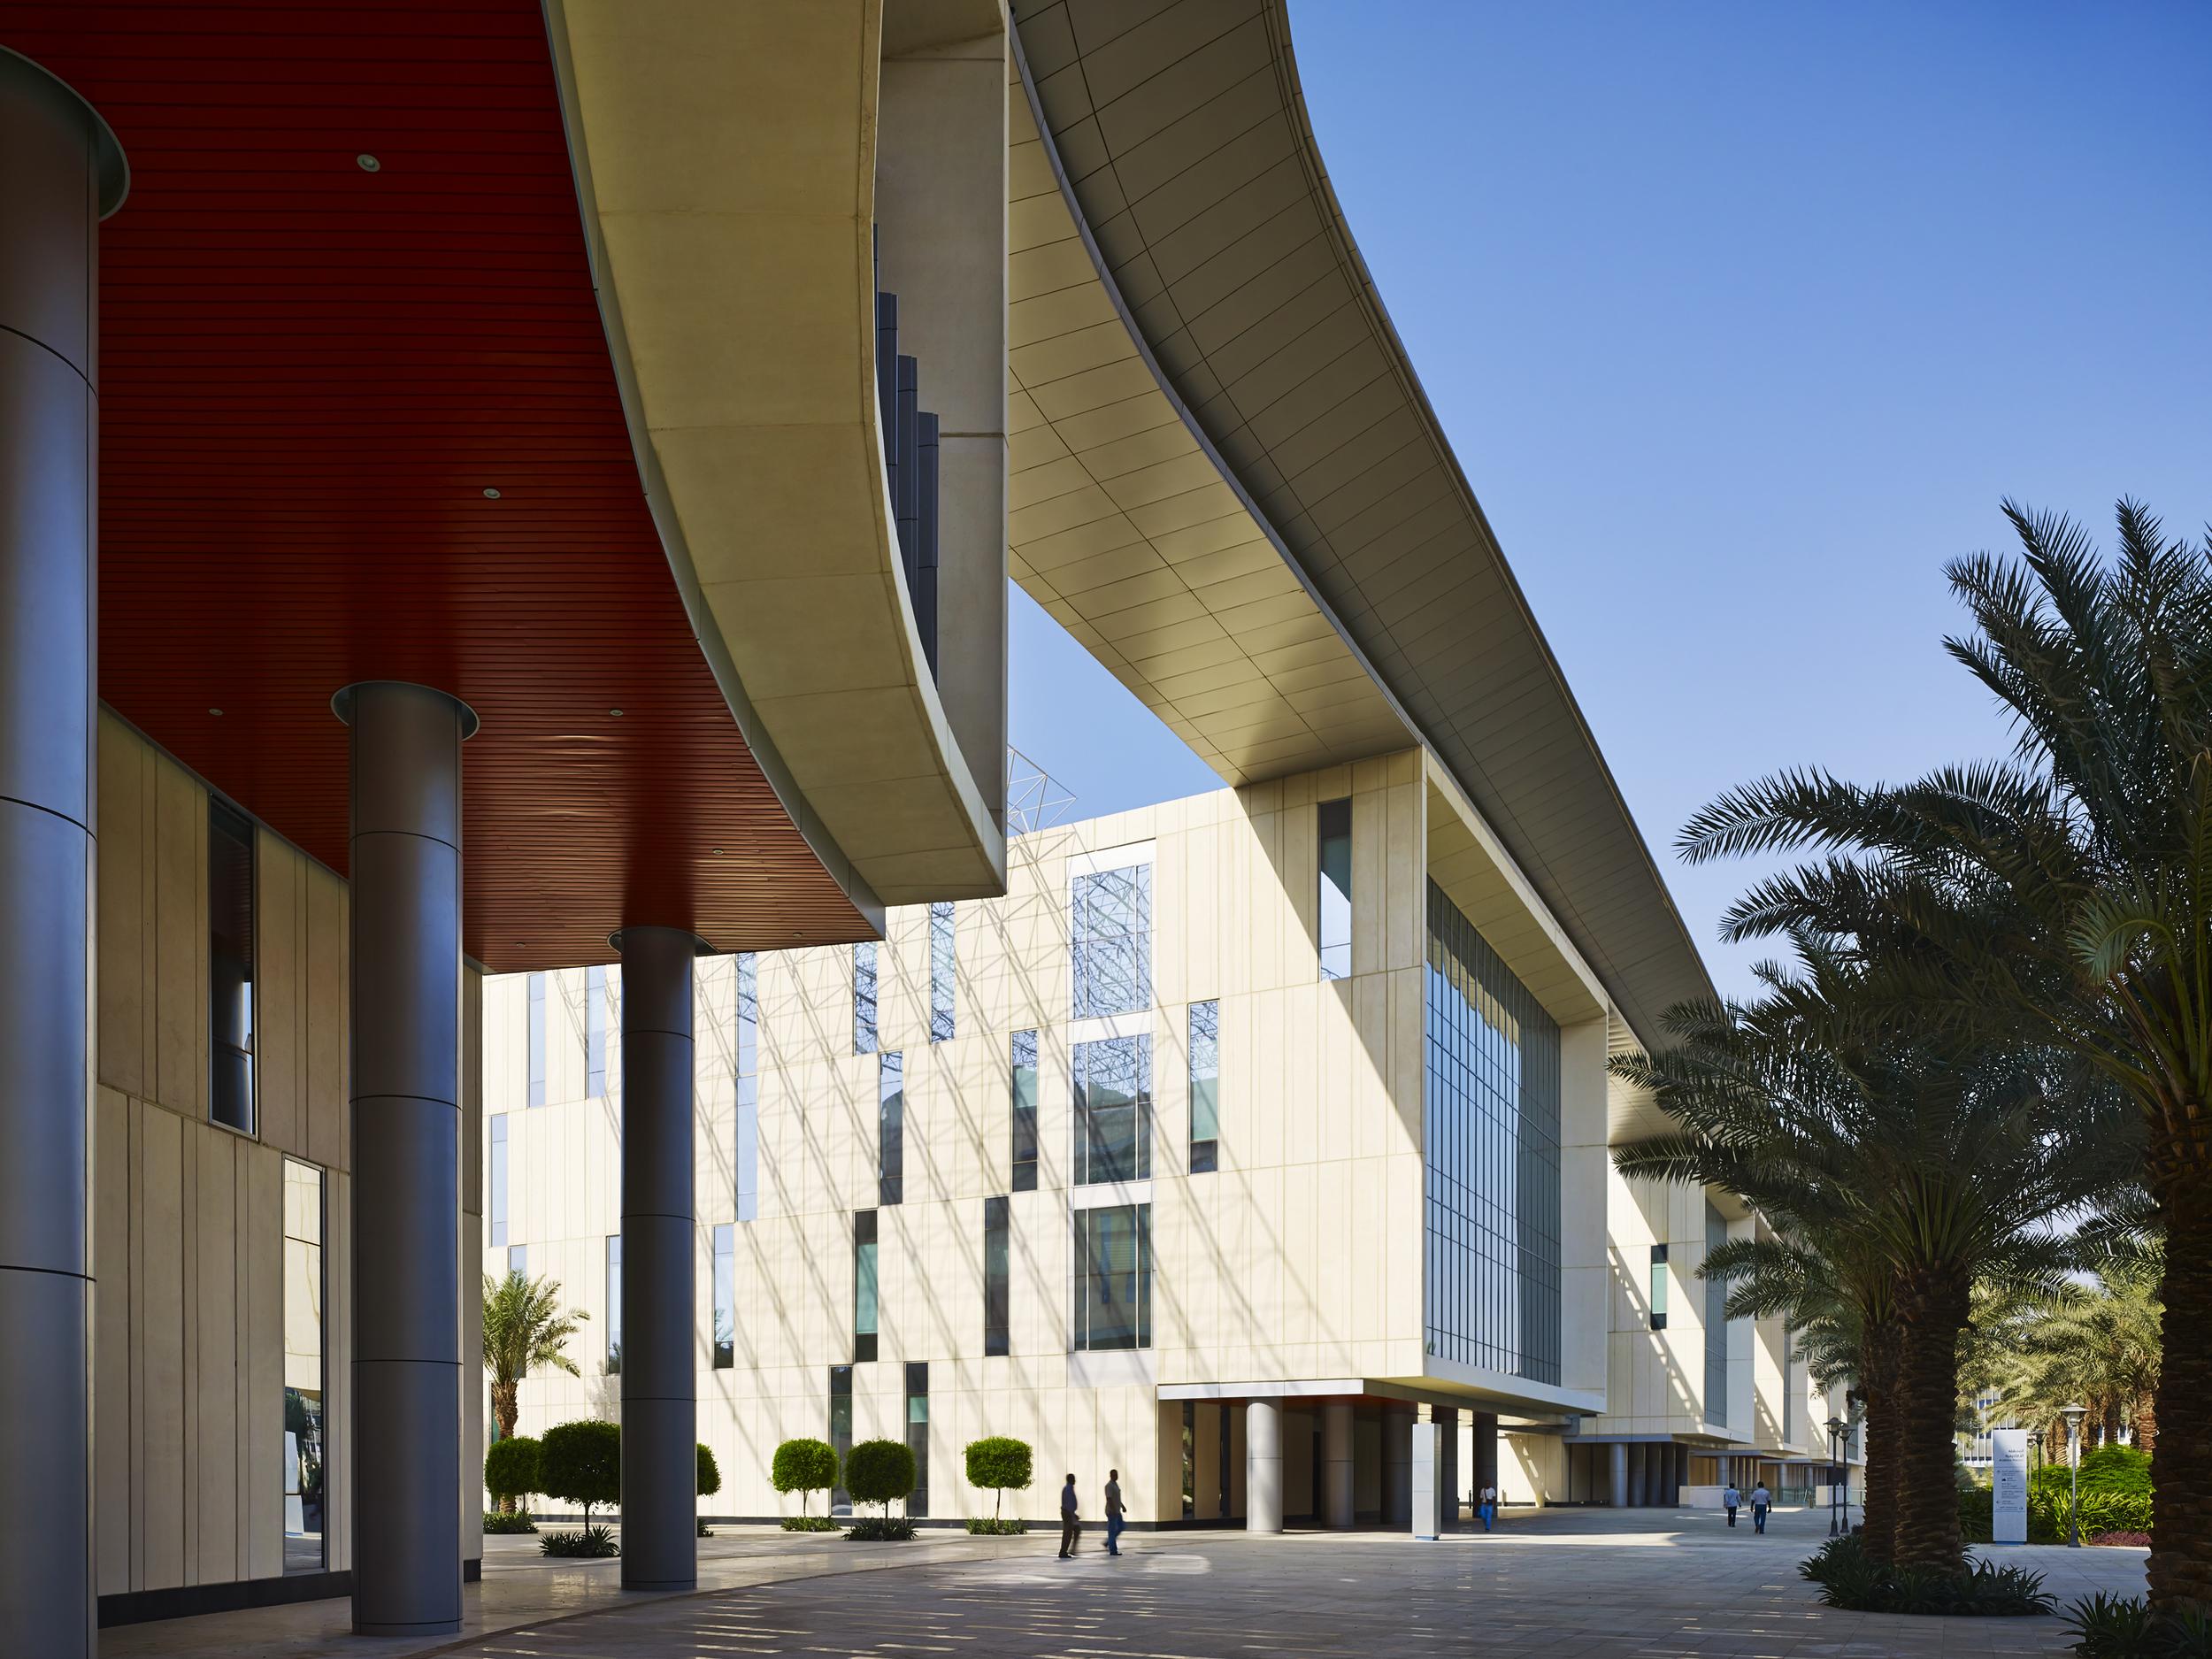 KSAU Jeddah Campus  Perkins+Will  Jeddah, Saudi Arabia     View Full Project